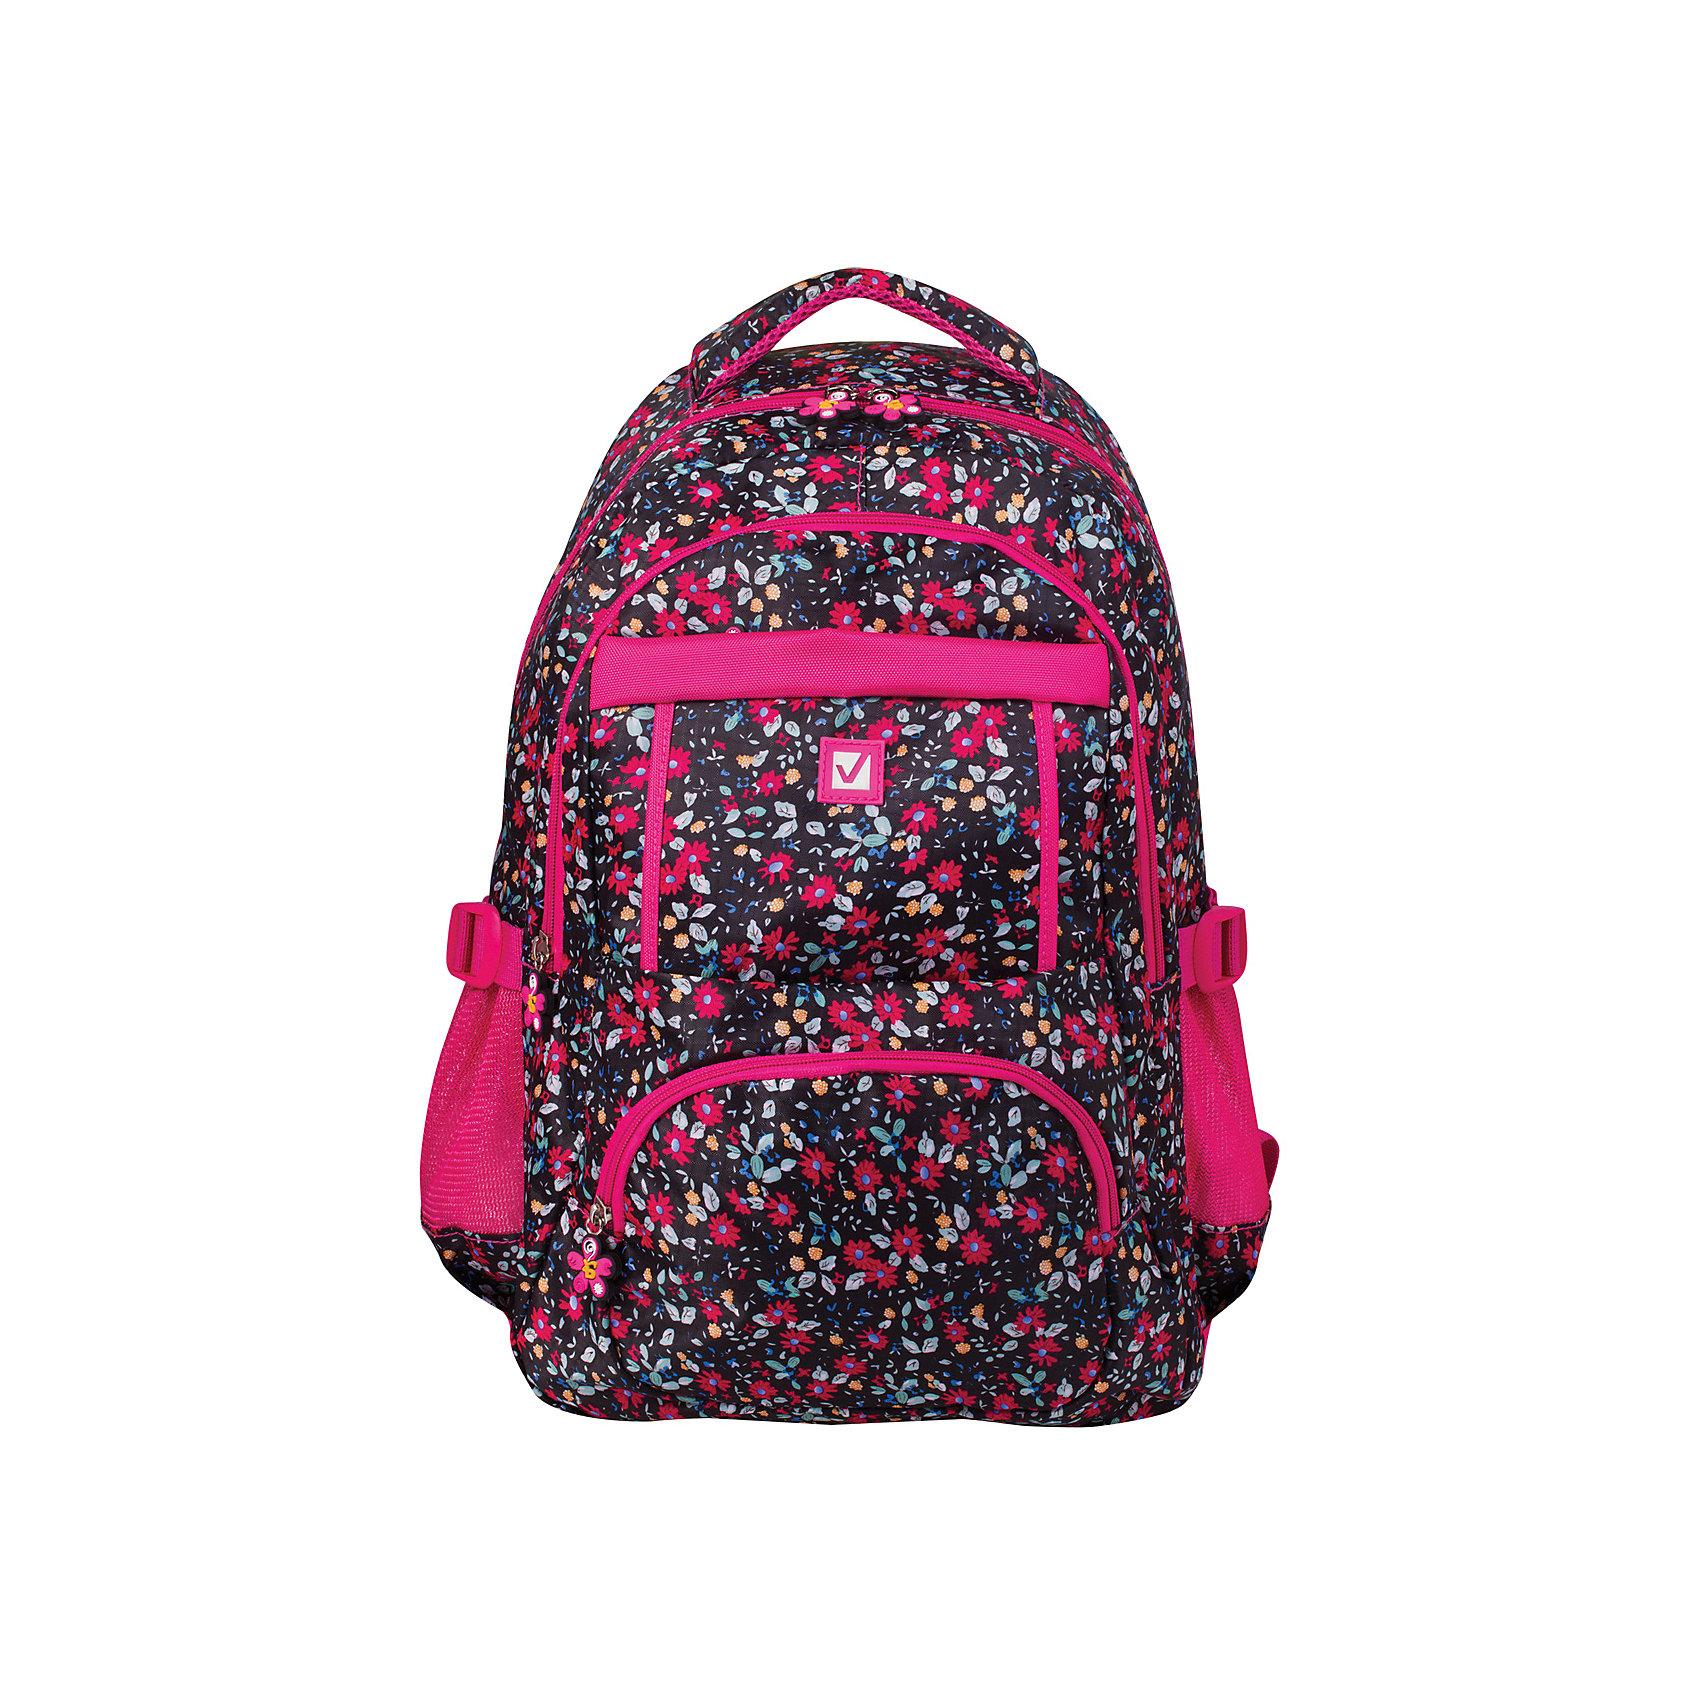 Рюкзак Brauberg Цветы, 26 литровРюкзаки<br>Стильный рюкзак для старшеклассников и студентов. Выполнен из износостойкого материала. Способен выдерживать большие нагрузки, с которыми ежедневно сталкиваются активные молодые люди.•1 отделение, 5 карманов. •Ремни регулировки объема. •Материал - полиэстер. •Размер - 45х31х12 см. •Объем - 26 литров. •Вес - 0,55 кг.<br><br>Ширина мм: 30<br>Глубина мм: 310<br>Высота мм: 450<br>Вес г: 540<br>Возраст от месяцев: 72<br>Возраст до месяцев: 2147483647<br>Пол: Женский<br>Возраст: Детский<br>SKU: 6893764